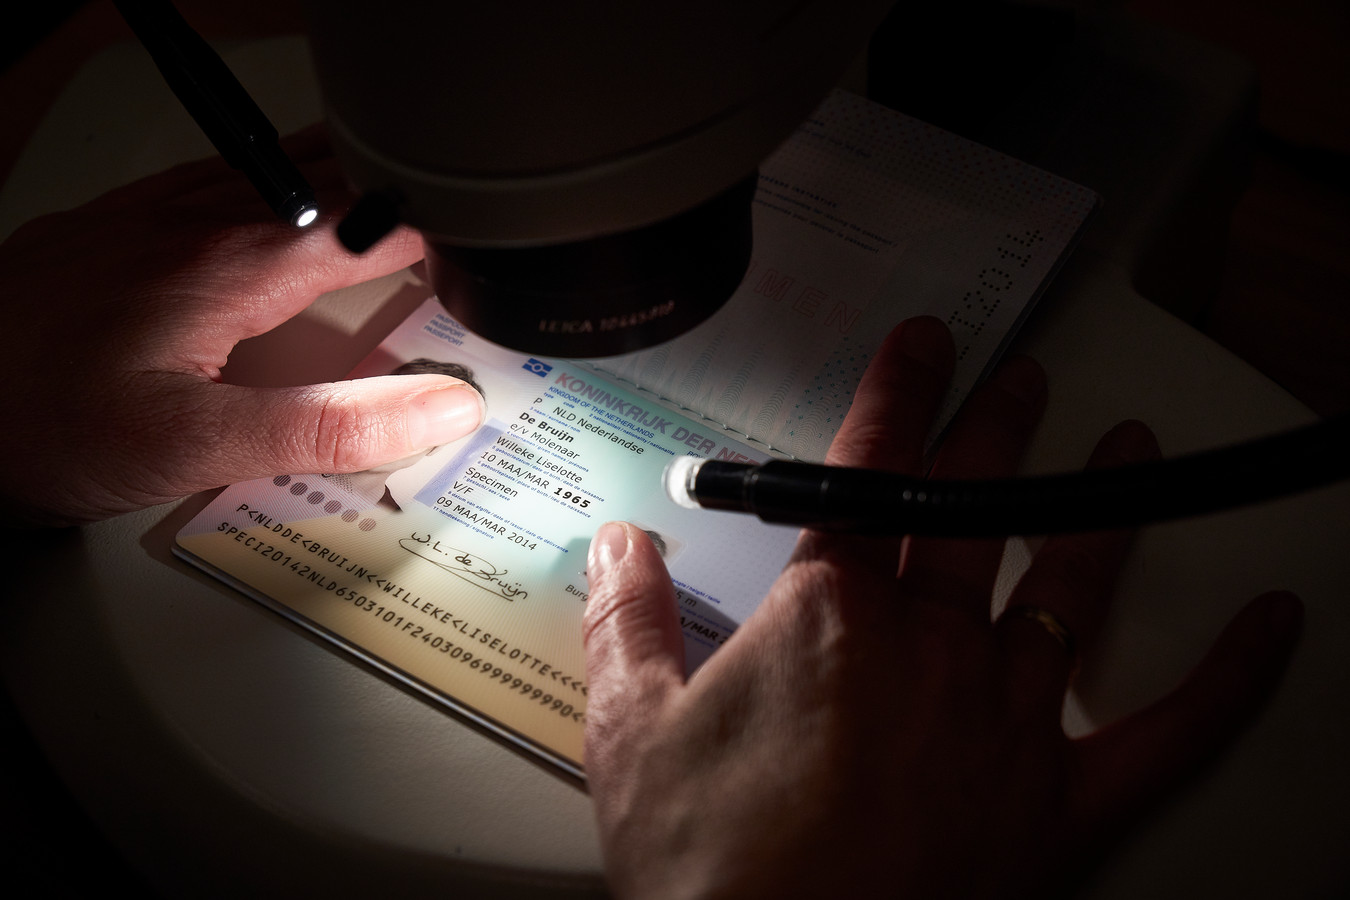 Inspectie van een paspoort.